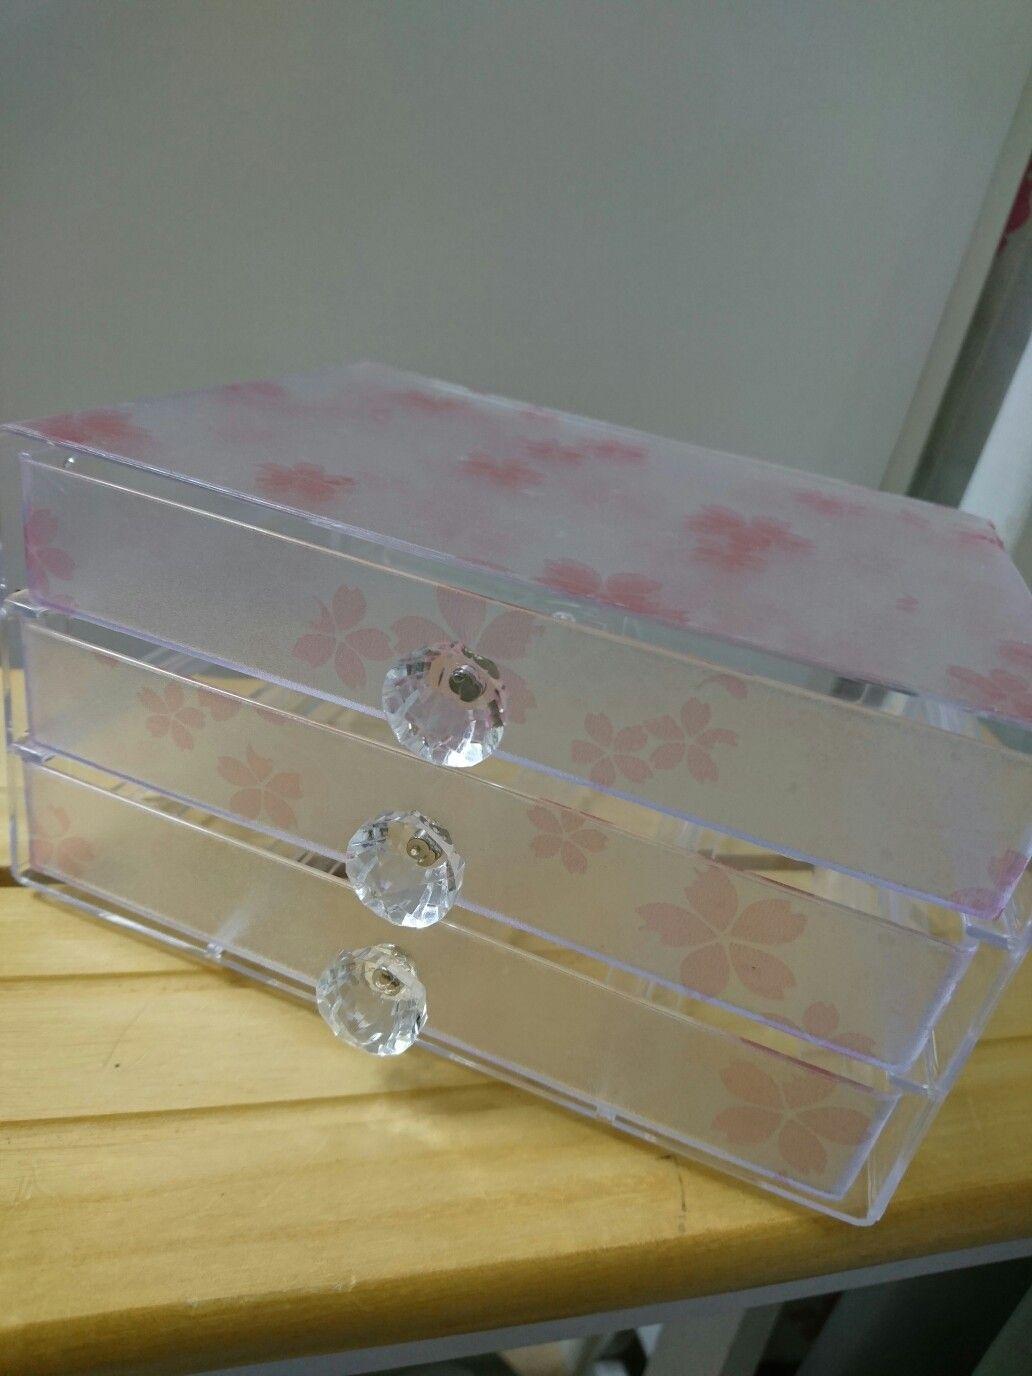 100均リメイク 0円商品のクリア3段引き出しに 桜柄のガラスシートを貼って 持ち手は マグネットを強力接着剤で貼り付けました ダイヤモンド 100均 リメイク 100均 コスメ